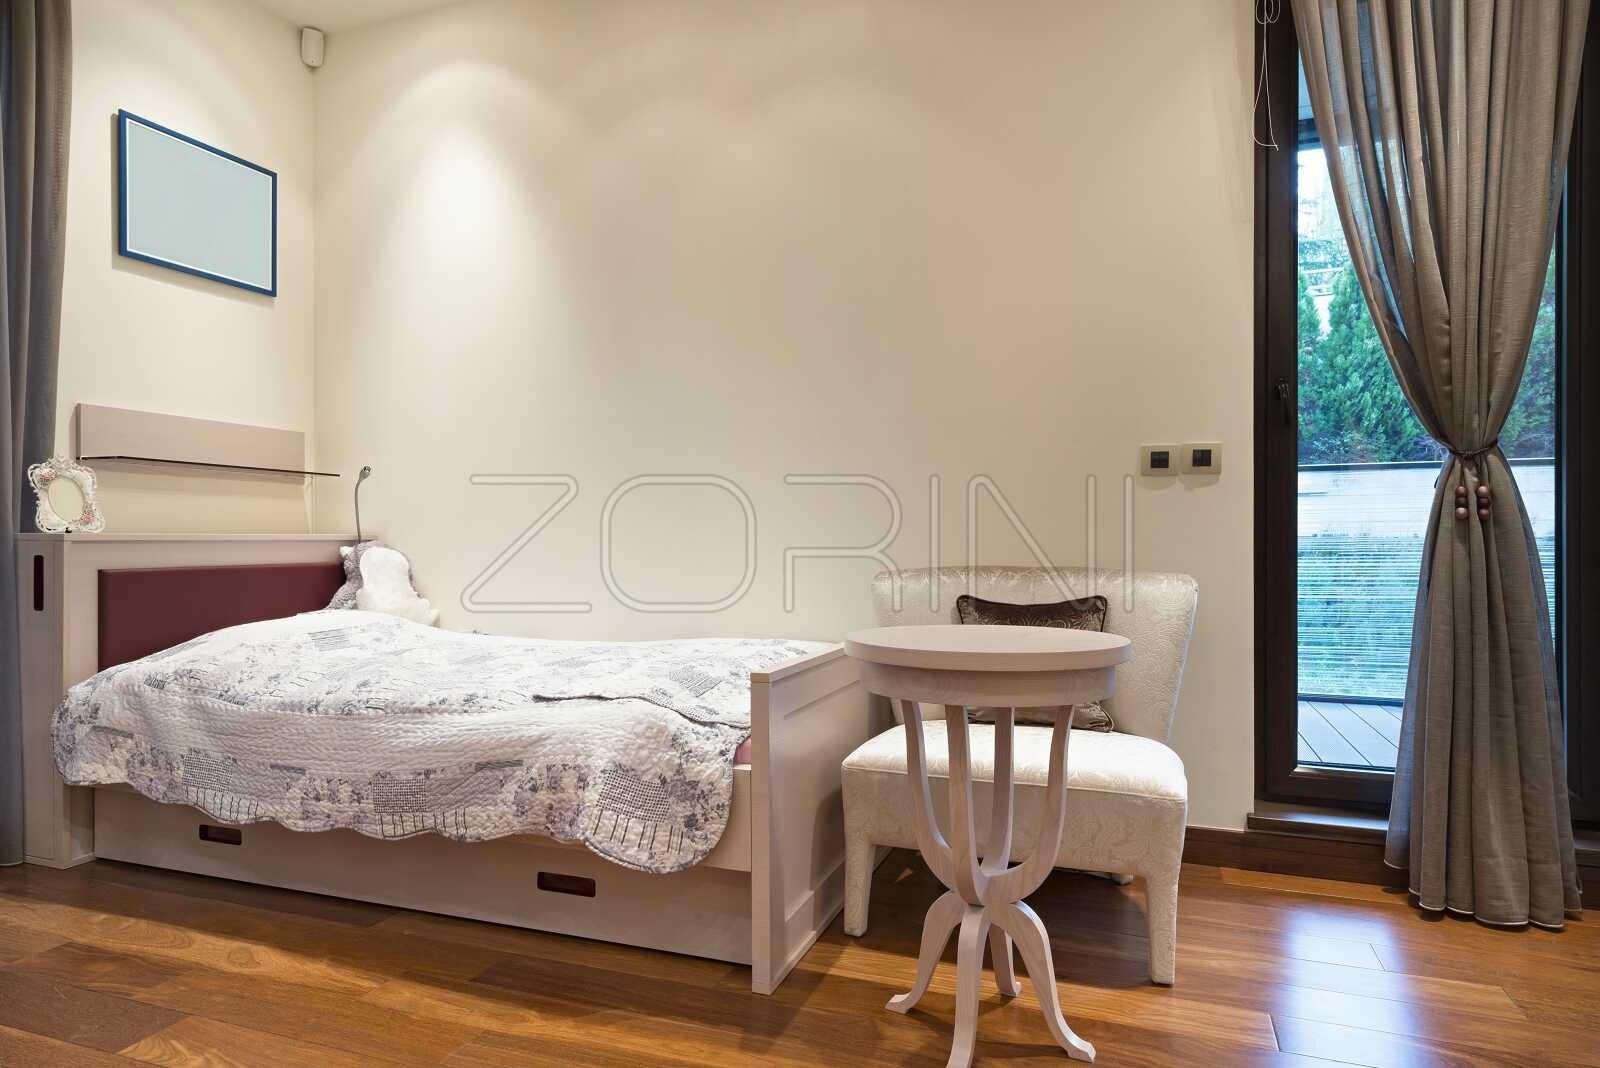 Корпусная кровать в детскую Виго - фото